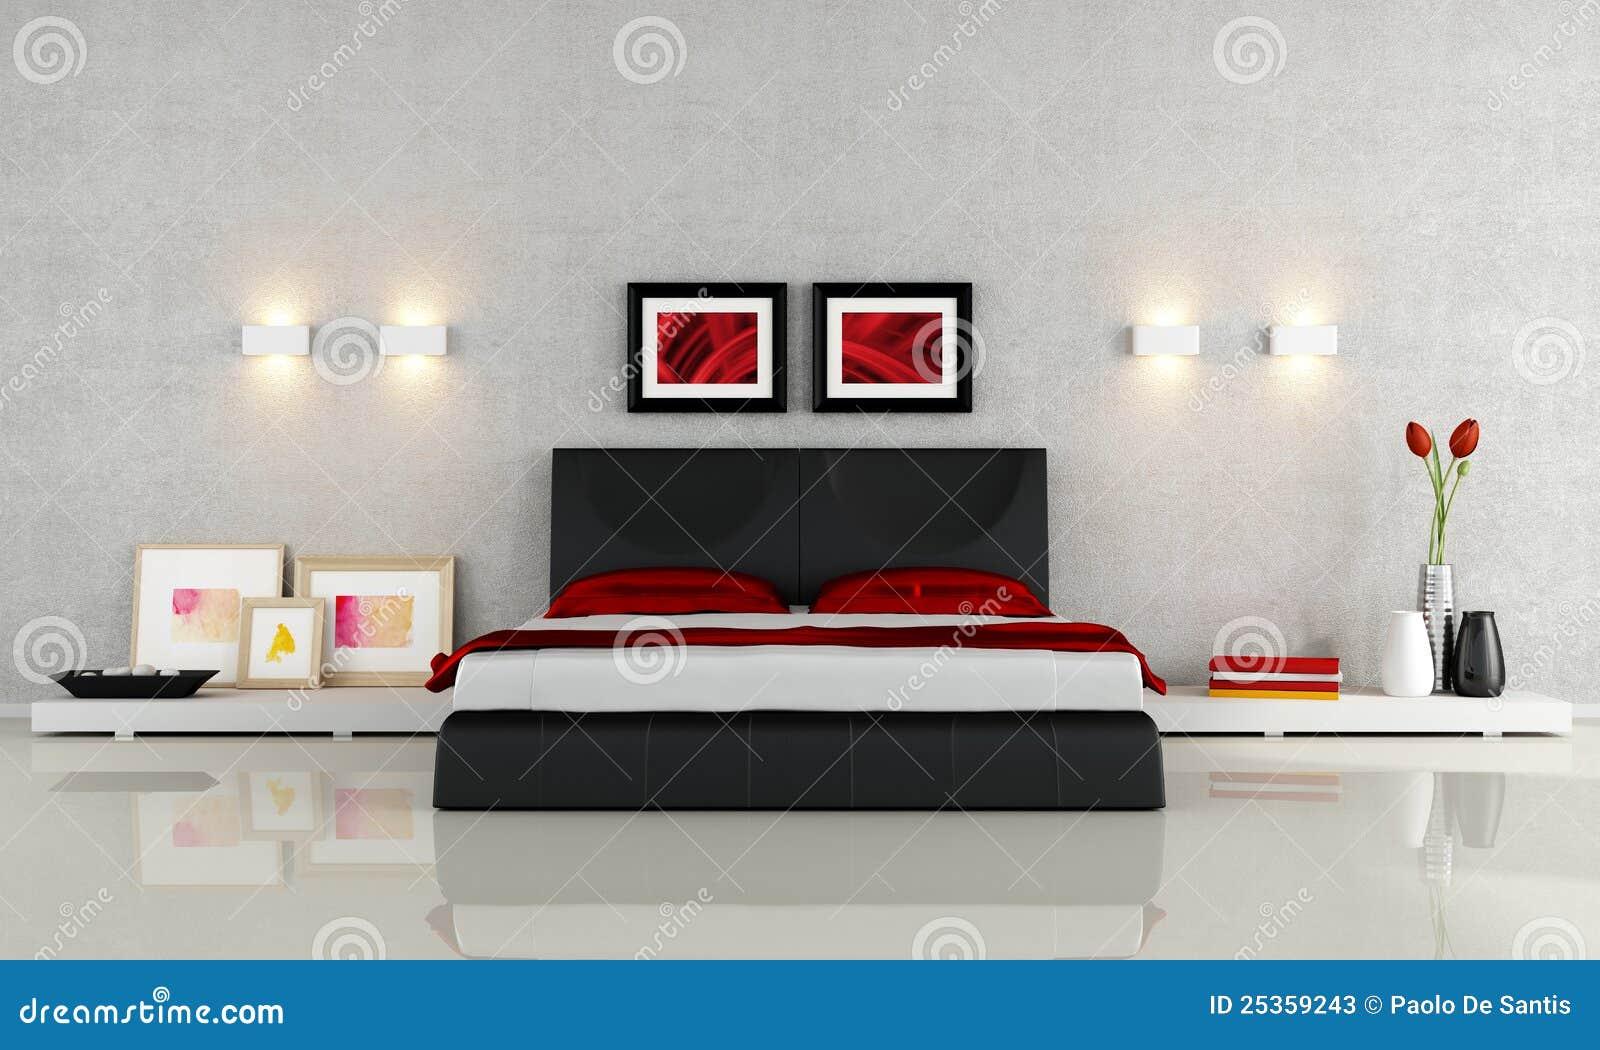 Modele chambre gris et rouge for Chambre a coucher moderne noir et rouge